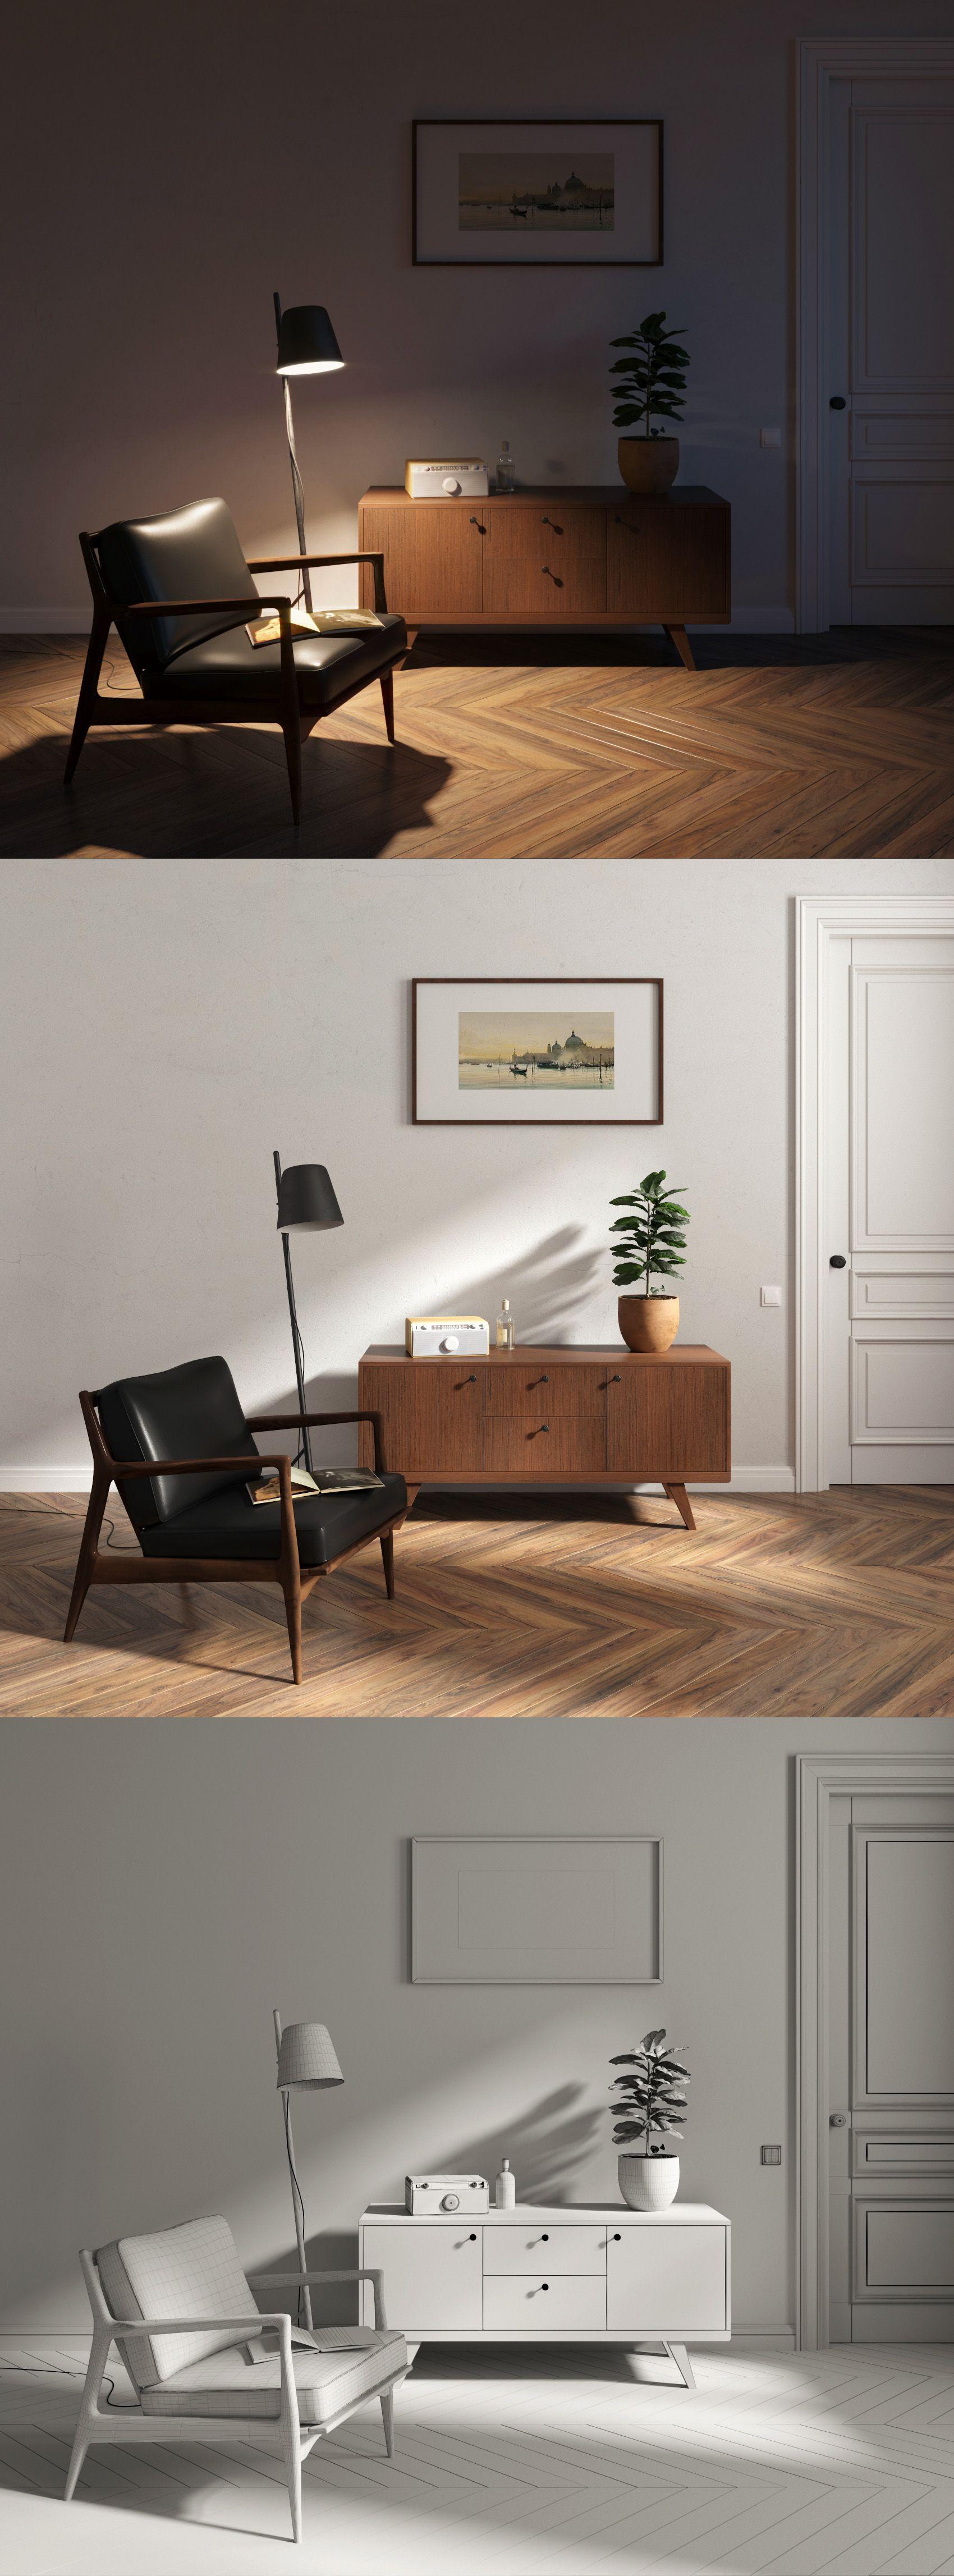 3drendering interior design by aurora renderings home